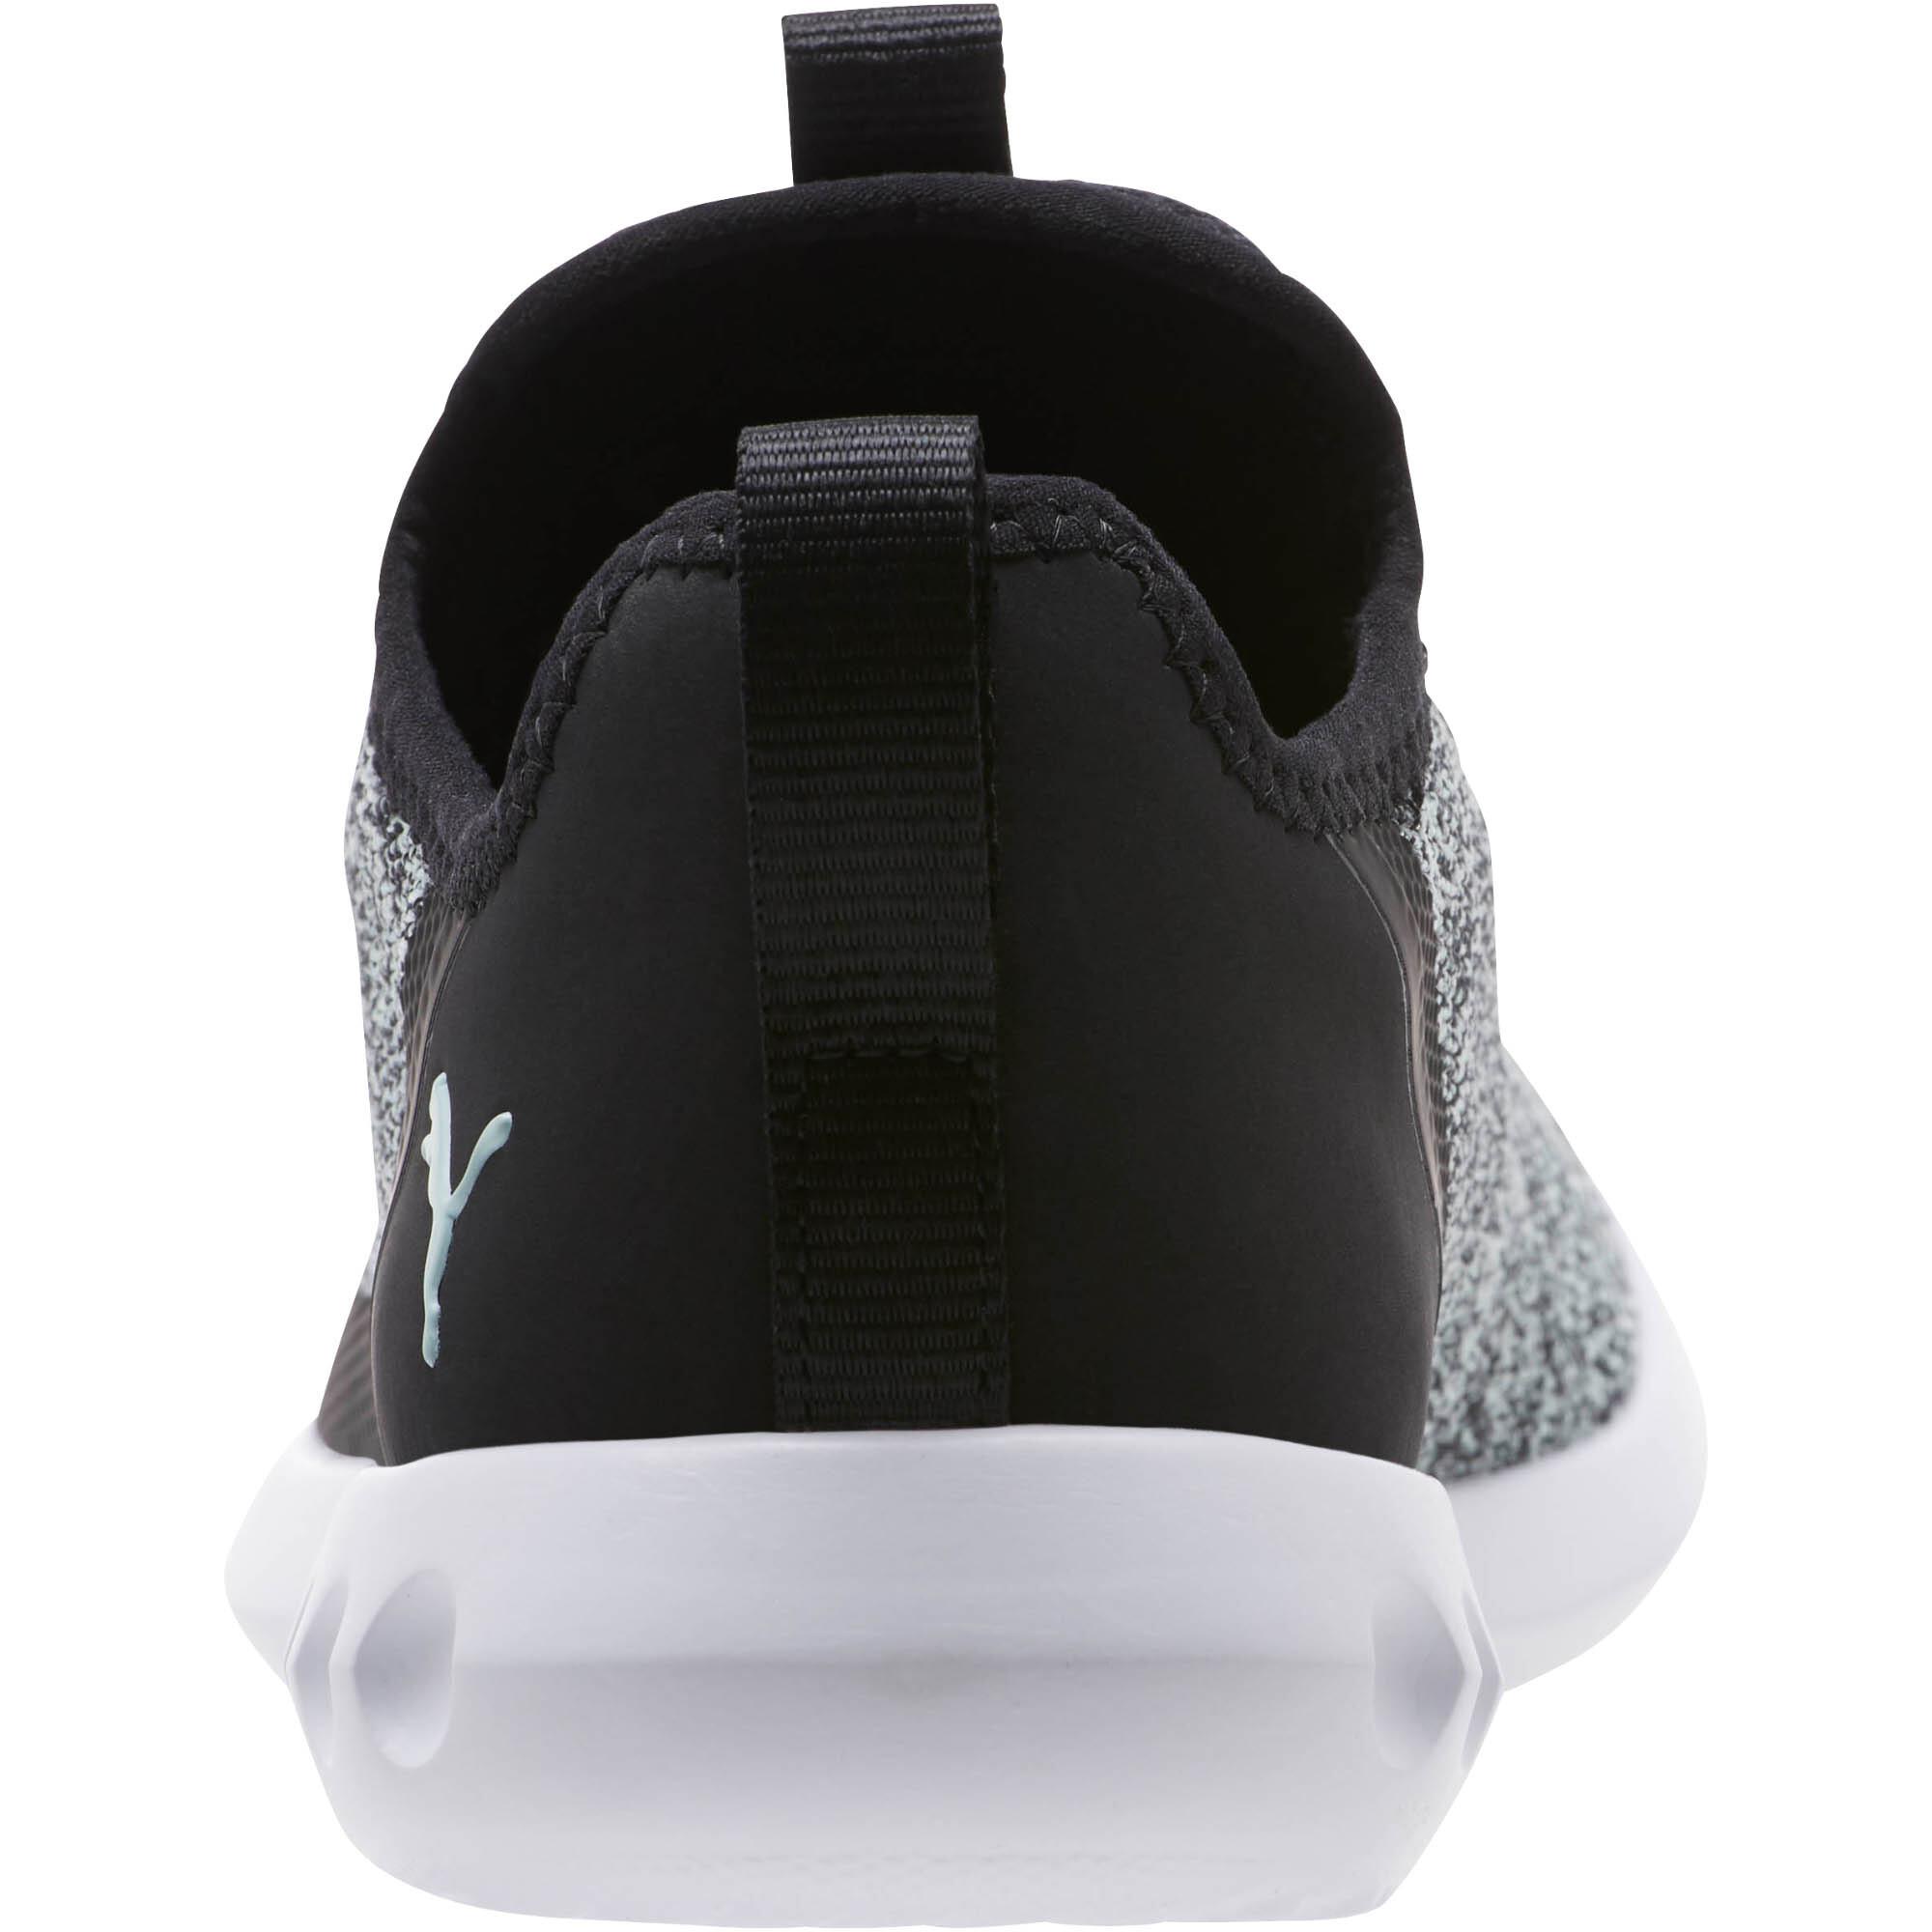 PUMA-Carson-2-X-Knit-Women-s-Running-Shoes-Women-Shoe-Running thumbnail 10